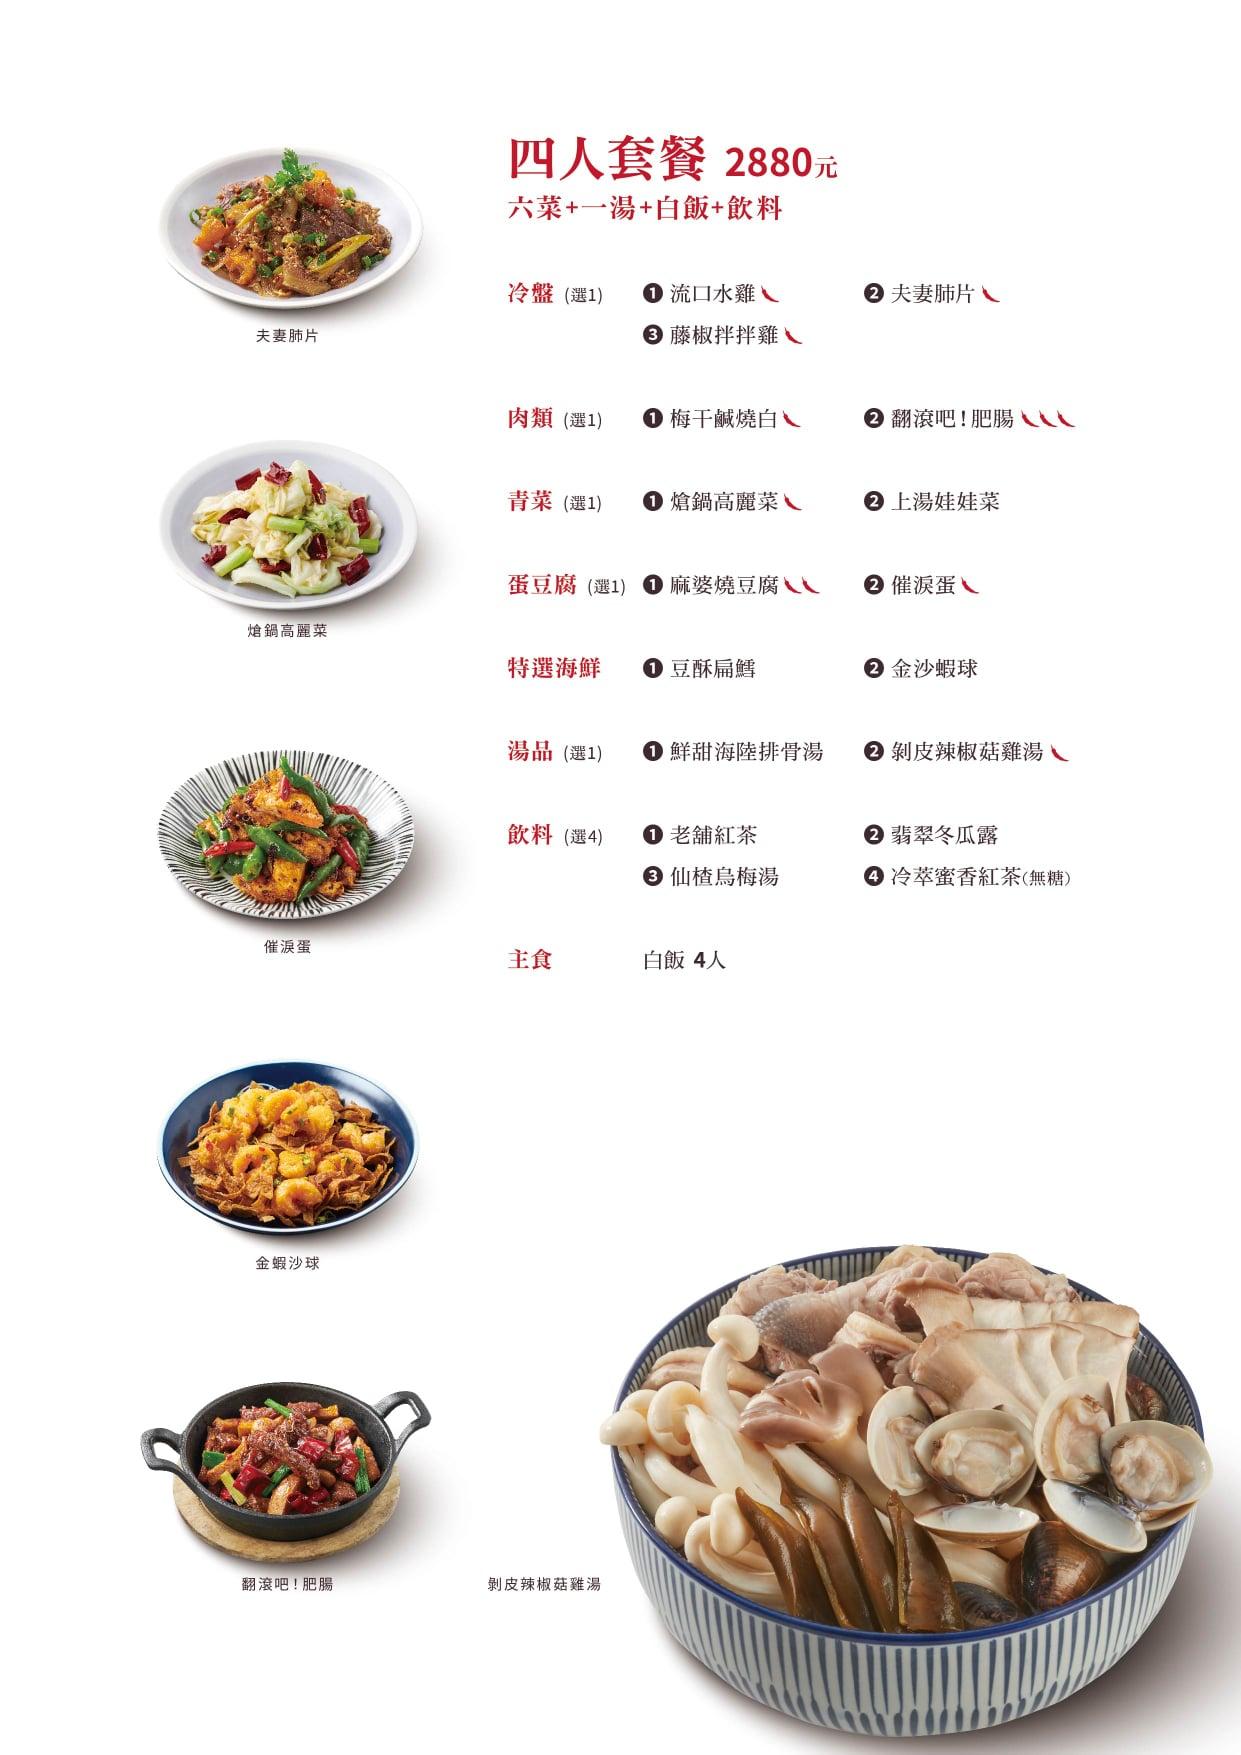 開飯川食堂菜單MENU-四人套餐